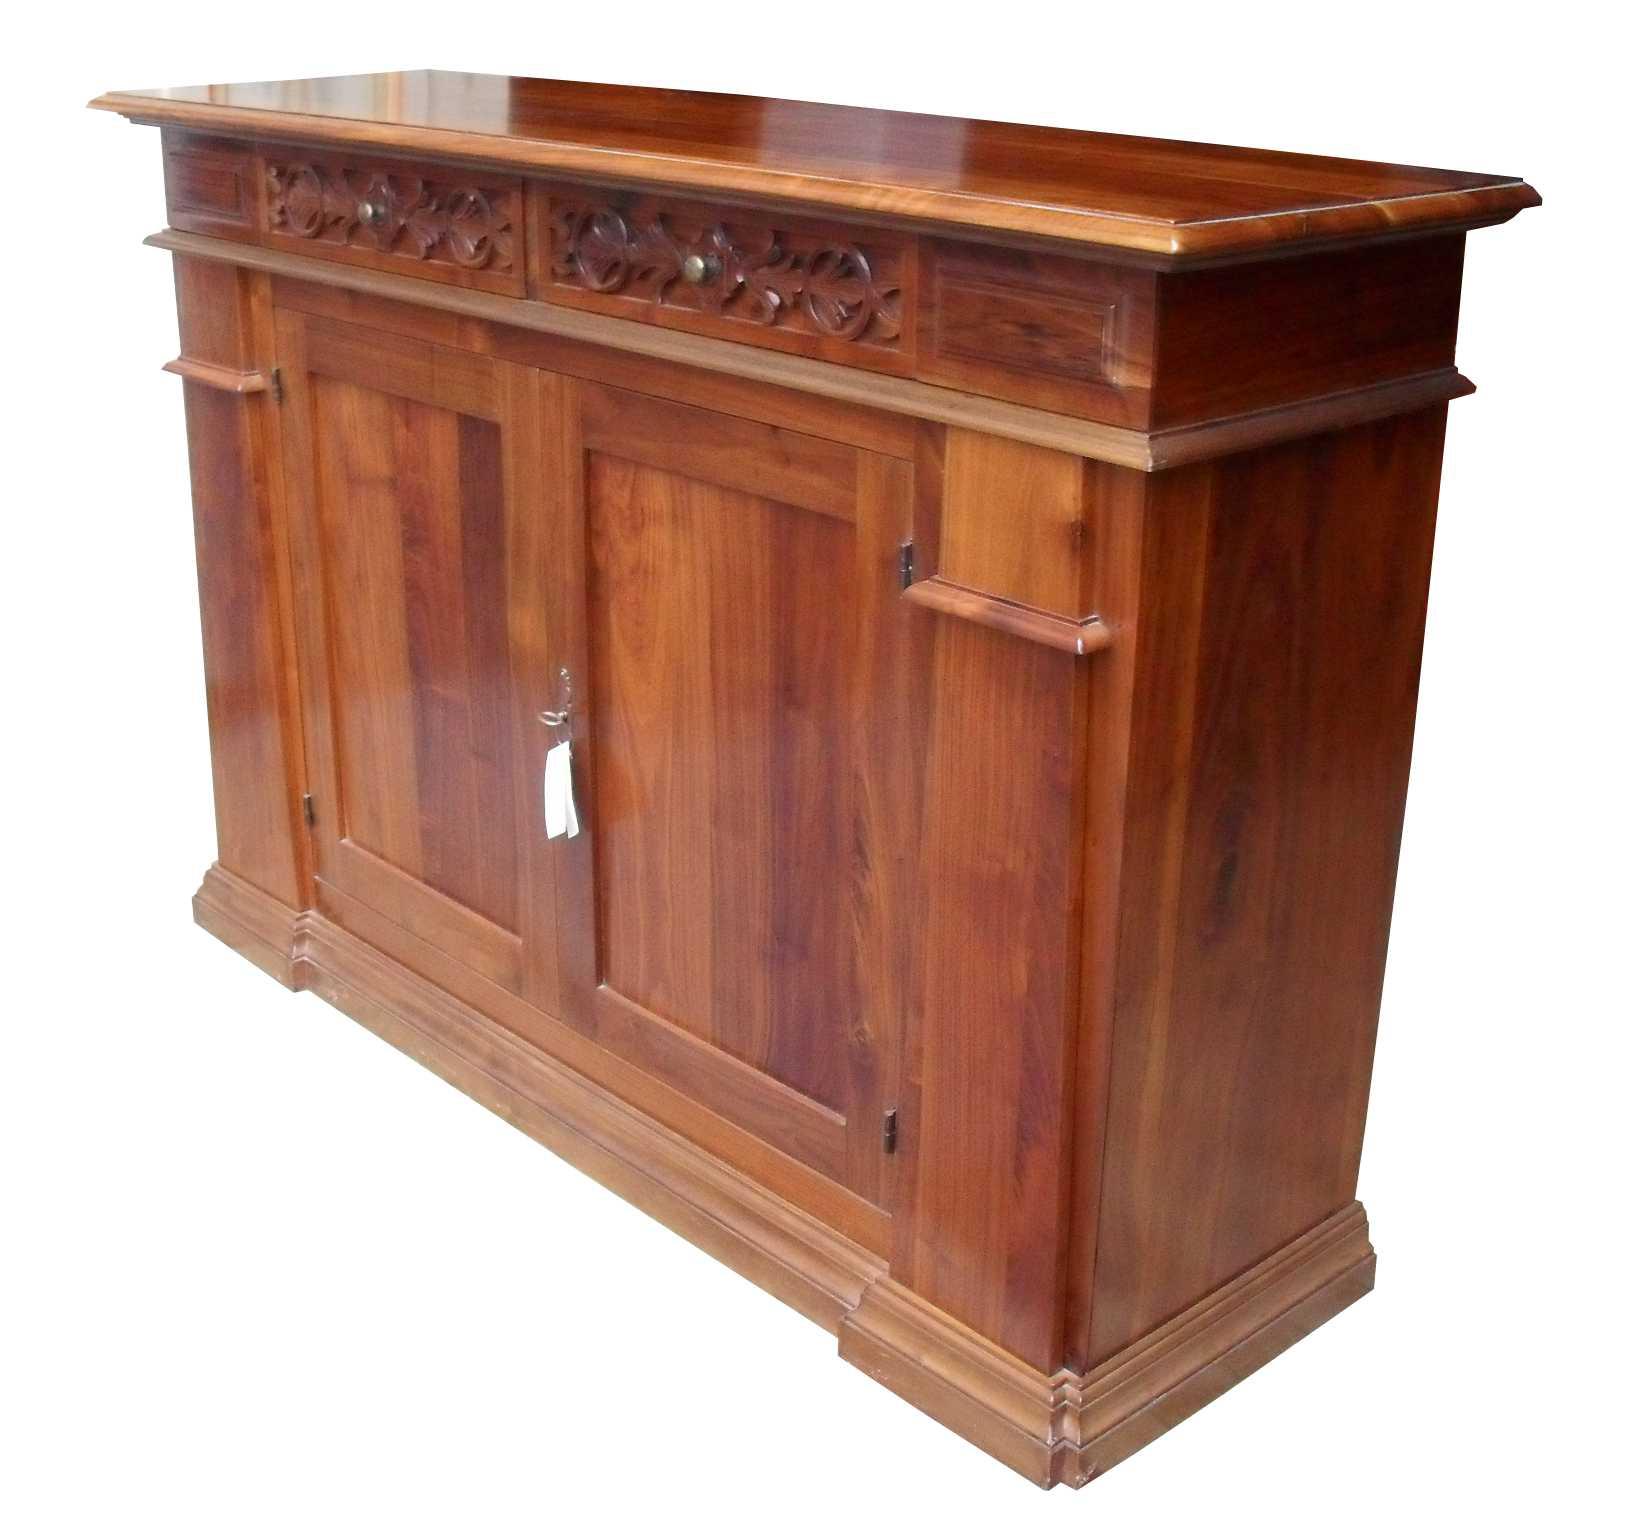 Credenza intagliata stile classico legno massello la commode di davide corno - Mobili restaurati ...